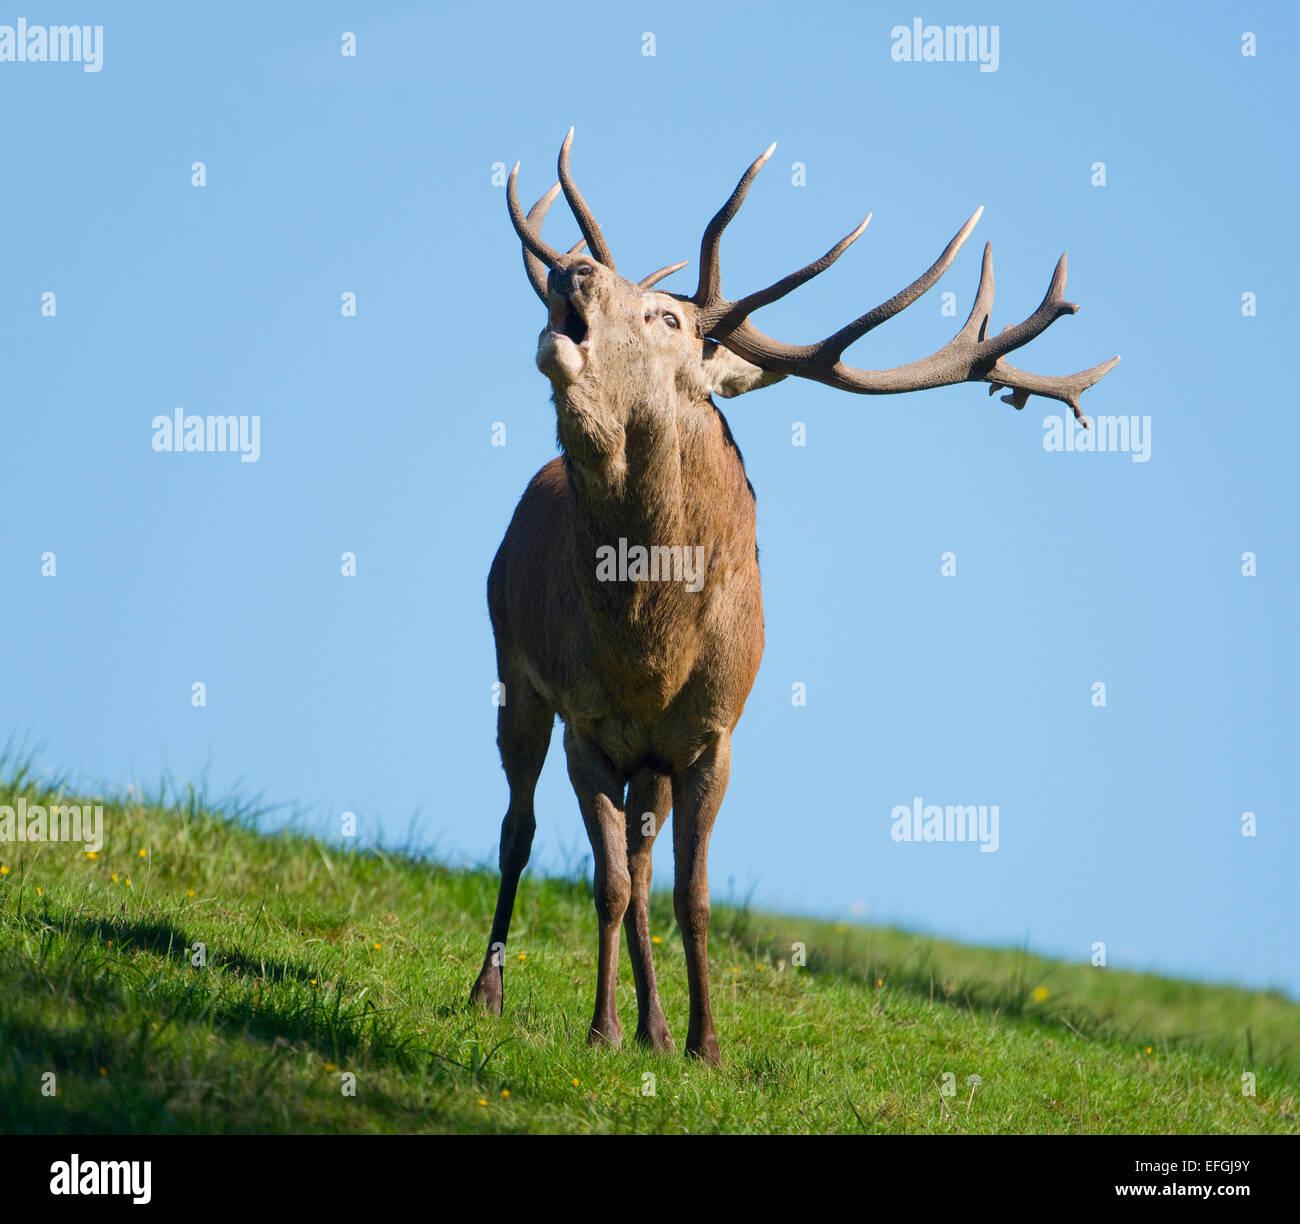 Ciervo rojo (Cervus elaphus), Stag, mugidos durante el badén, cautivo, Baja Sajonia, Alemania Foto de stock